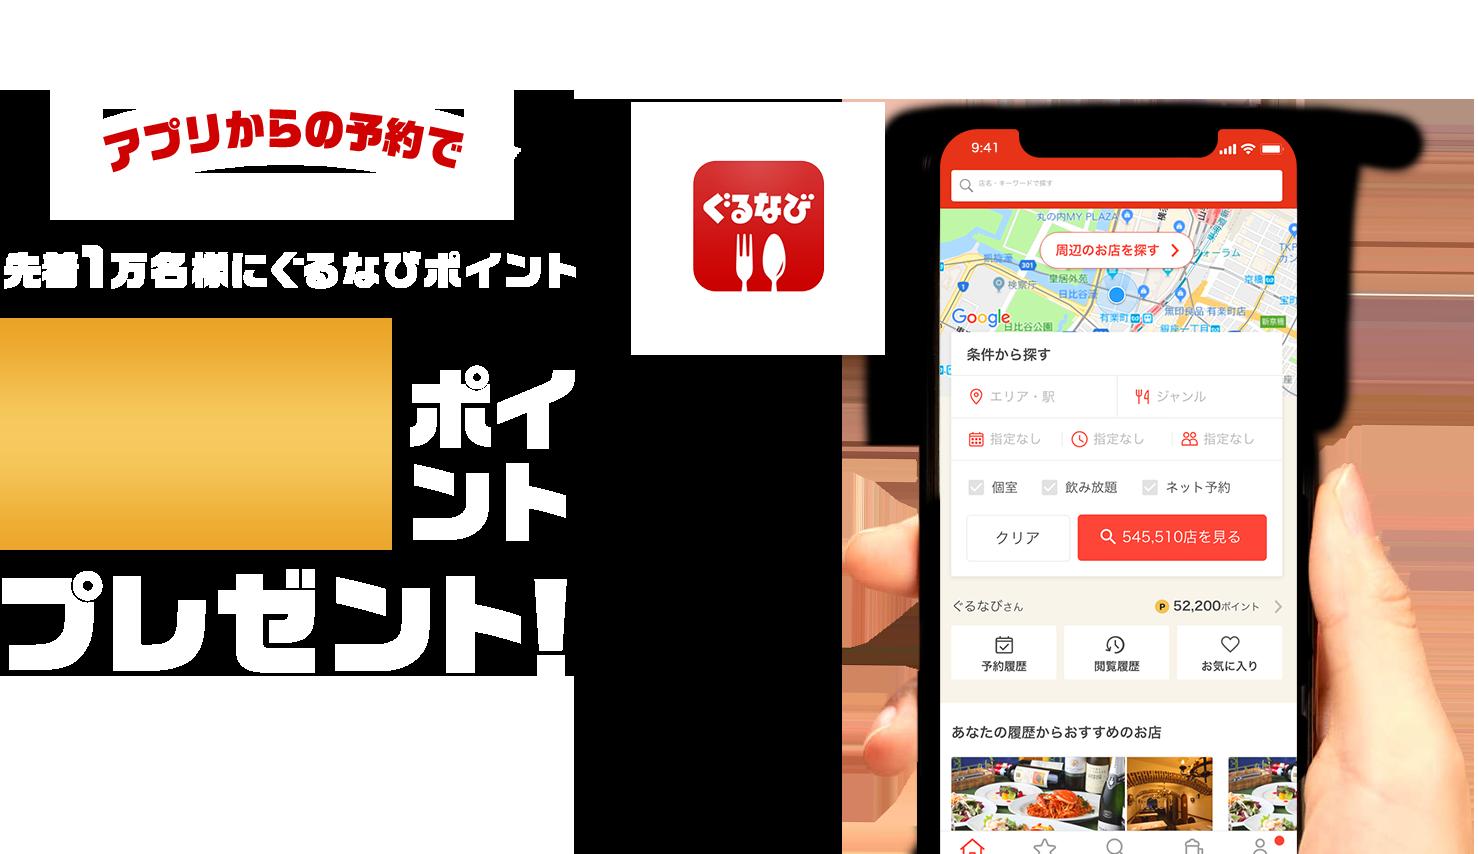 アプリからの予約で先着1万名様にぐるなびポイント300ポイントプレゼント!